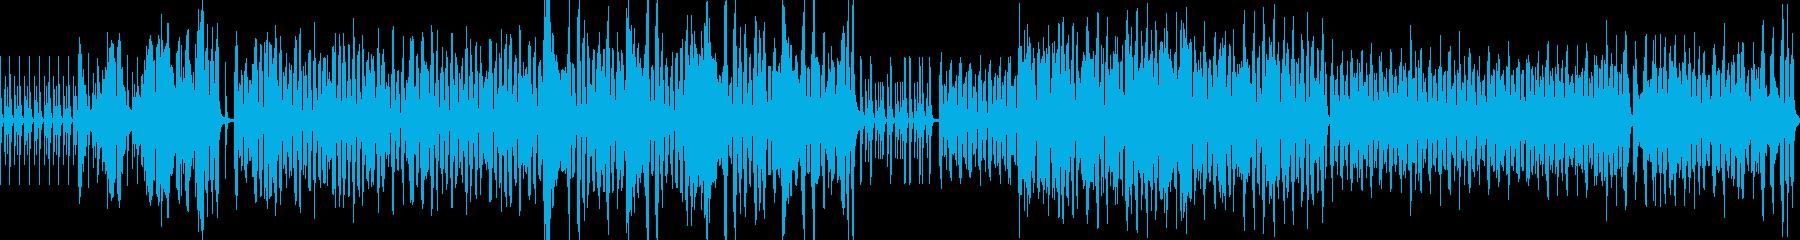 マーチ・明るい・元気・軽快・ポップの曲の再生済みの波形